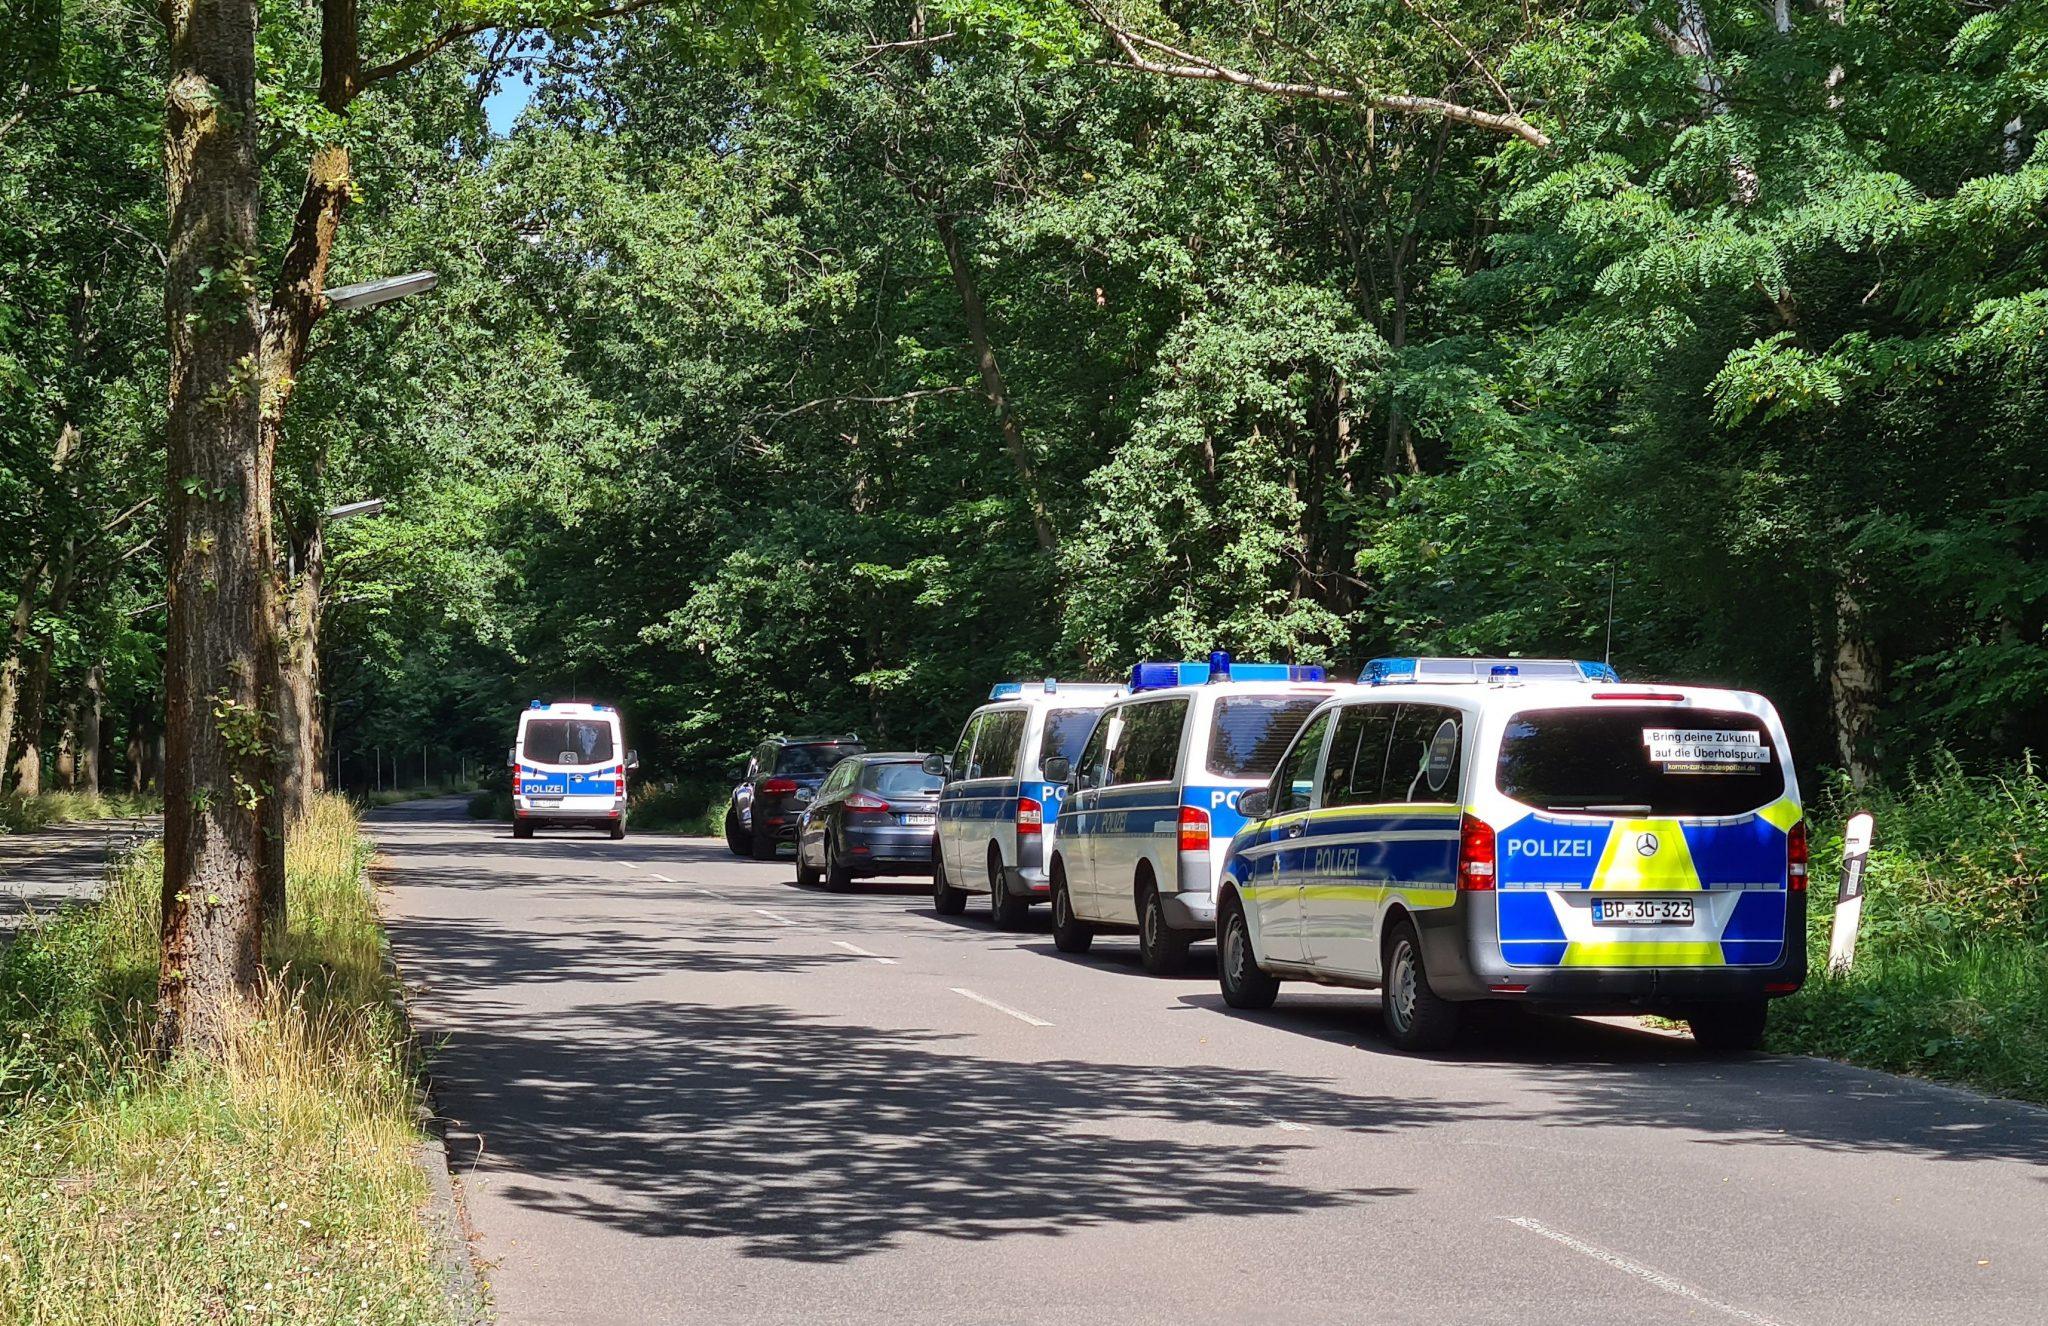 Polizei Potsdam sucht Vergewaltiger